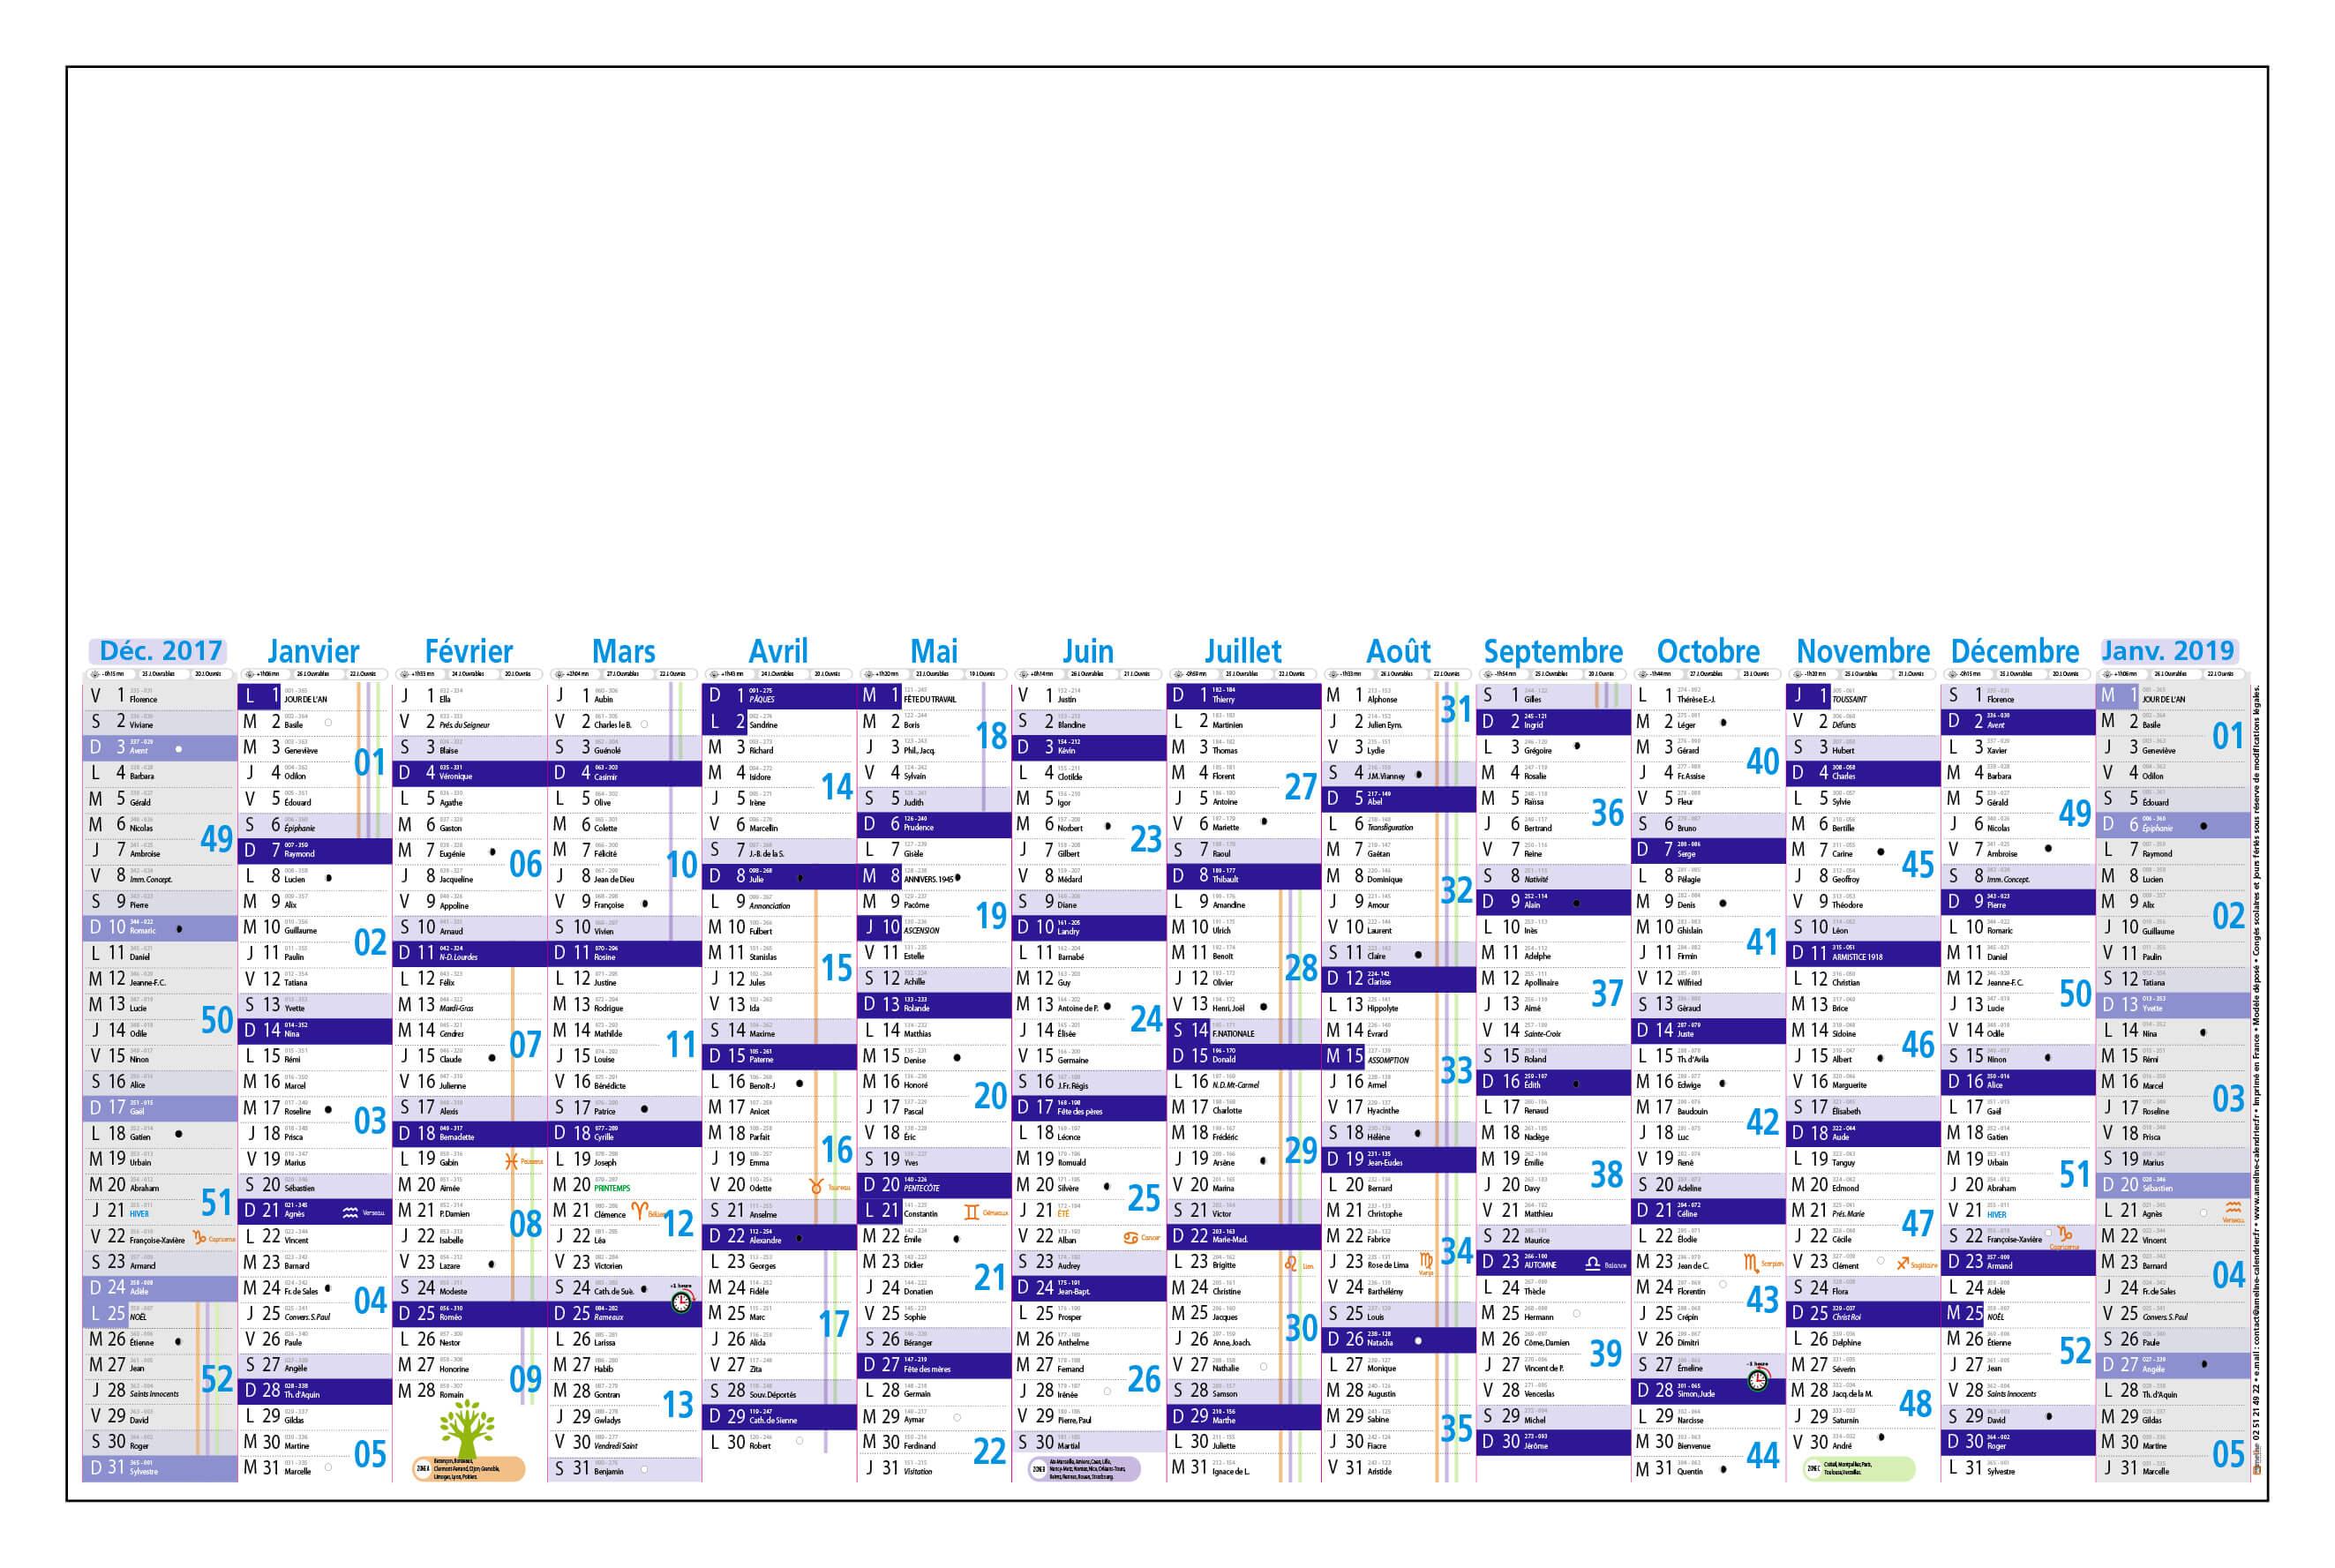 Grille-calendrier-2018-mois-alignés-TG-14-mois